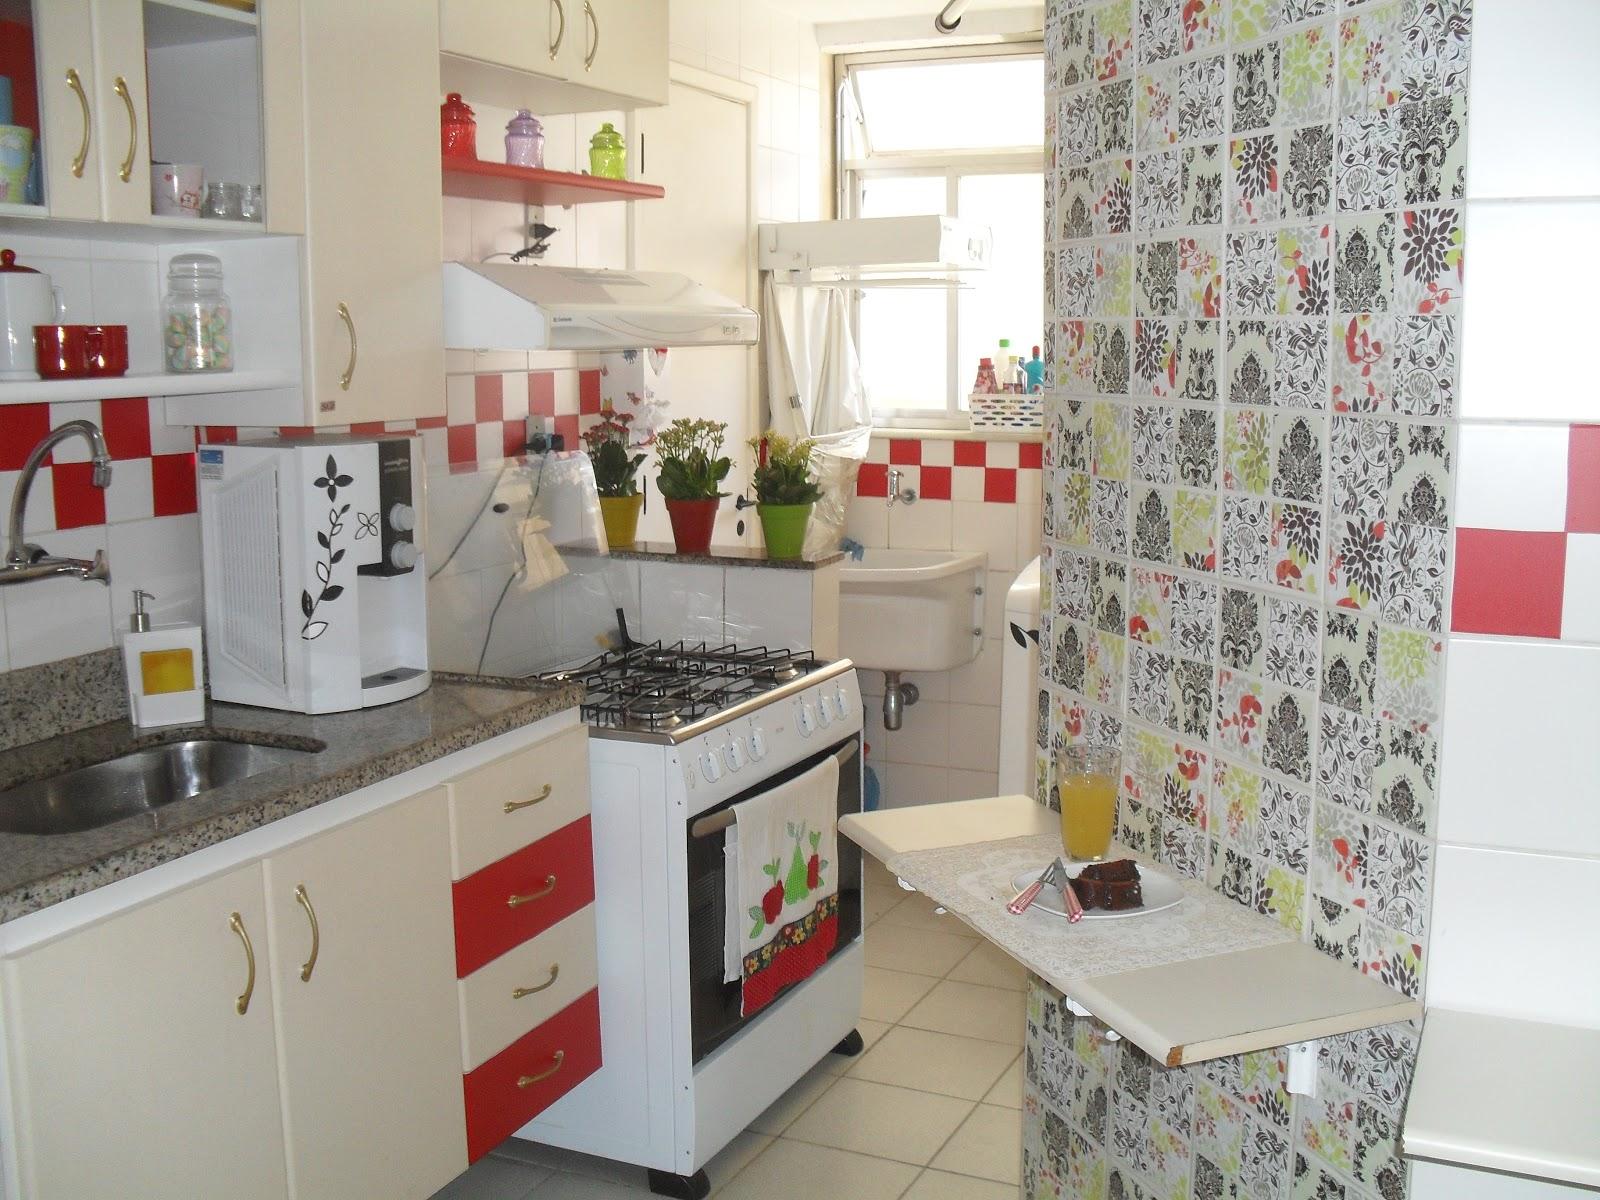 Casa de Boneca Decor: ♥ Minha cozinha na mídia ♥ #792C28 1600 1200